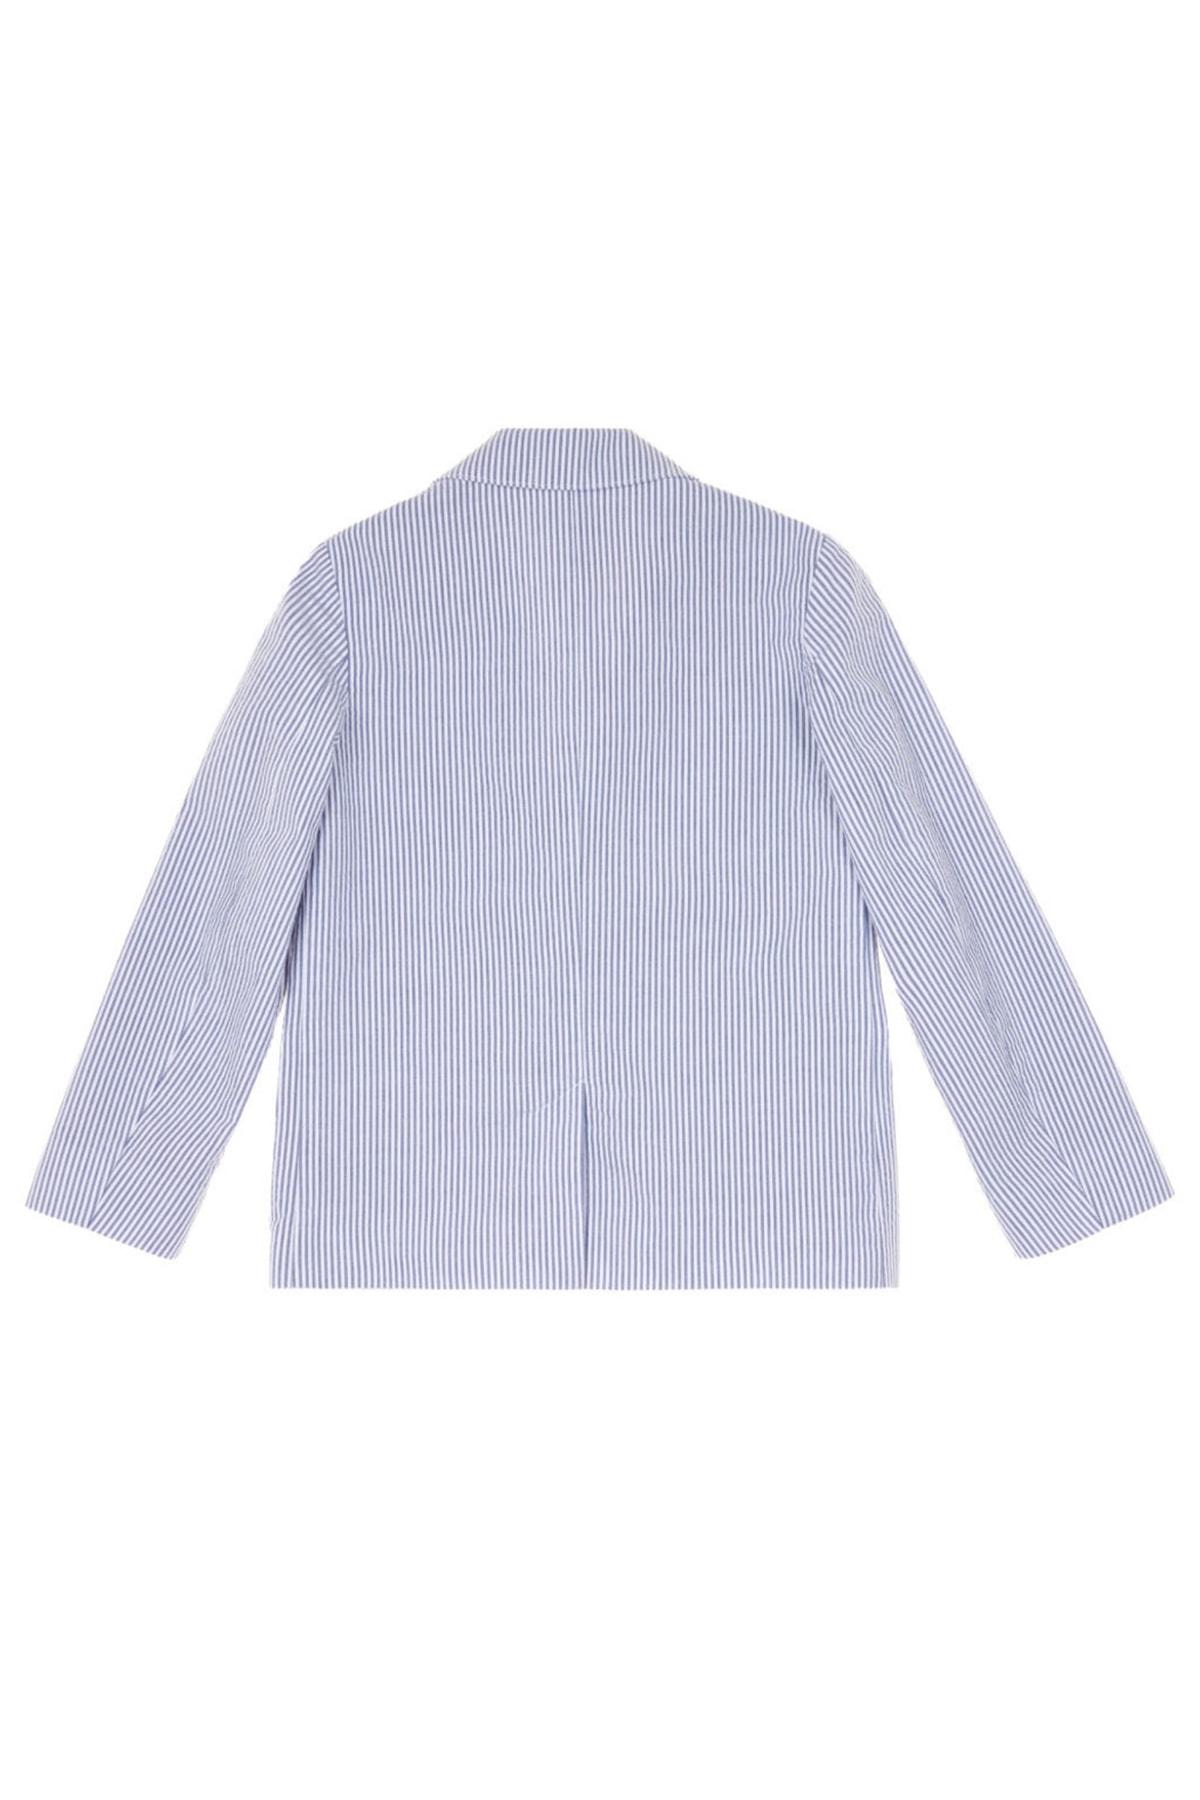 United Colors of Benetton Mavi Erkek Çocuk Seersucker Klasik Ceket 2